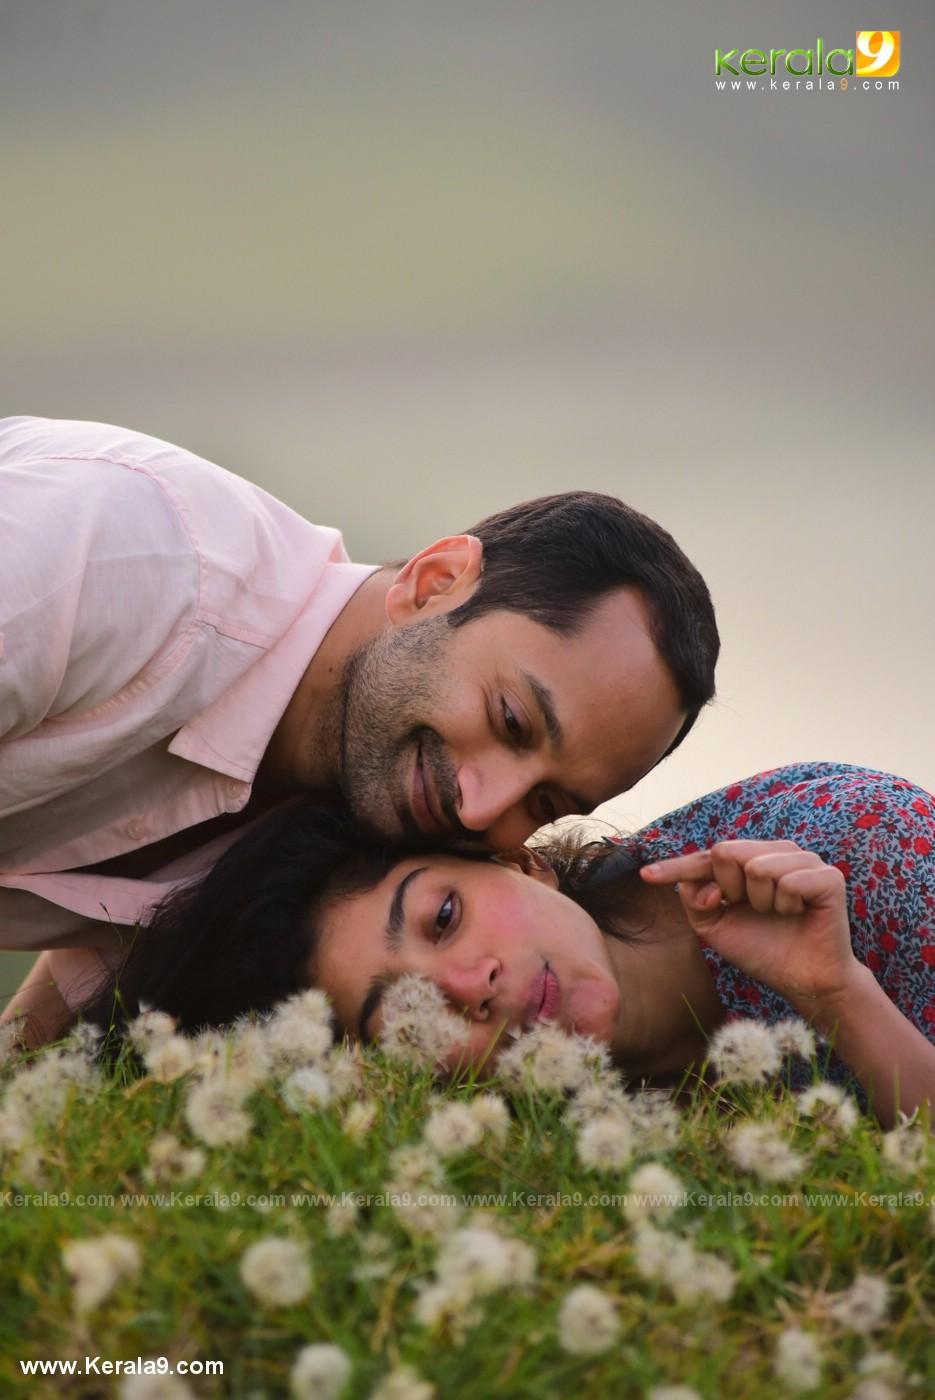 athiran malayalam movie photos 10 - Kerala9.com